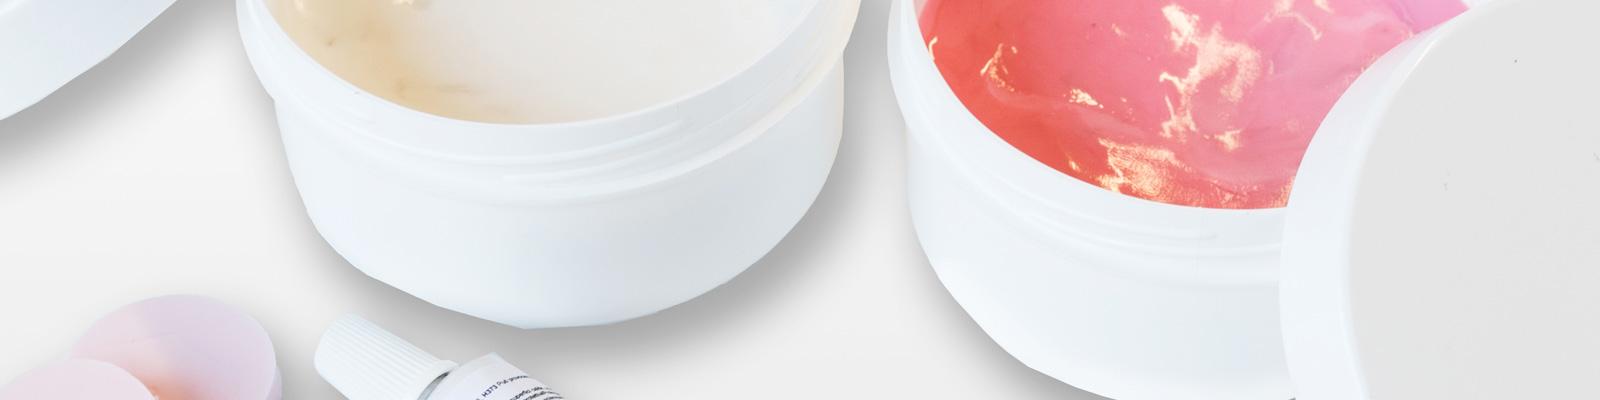 sfondo gomme siliconiche serie 1200